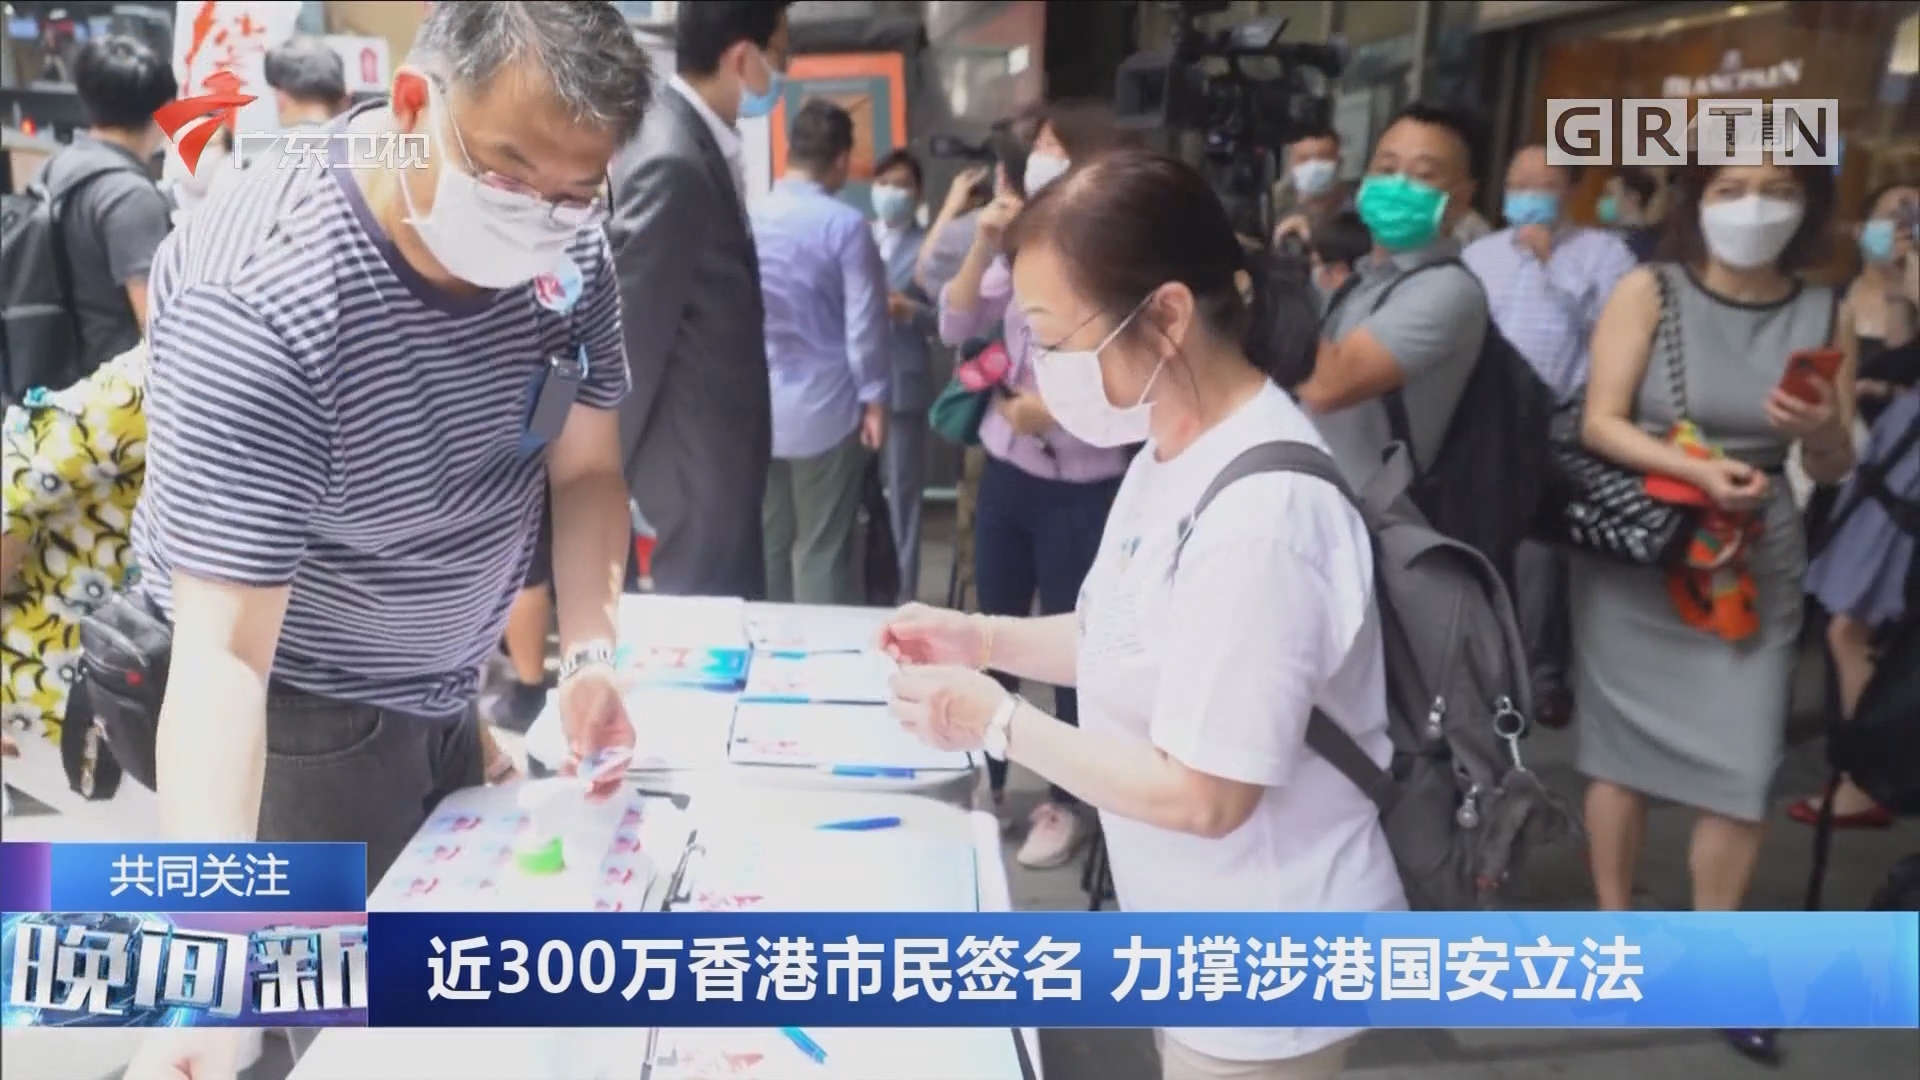 近300万香港市民签名 力撑涉港国安立法